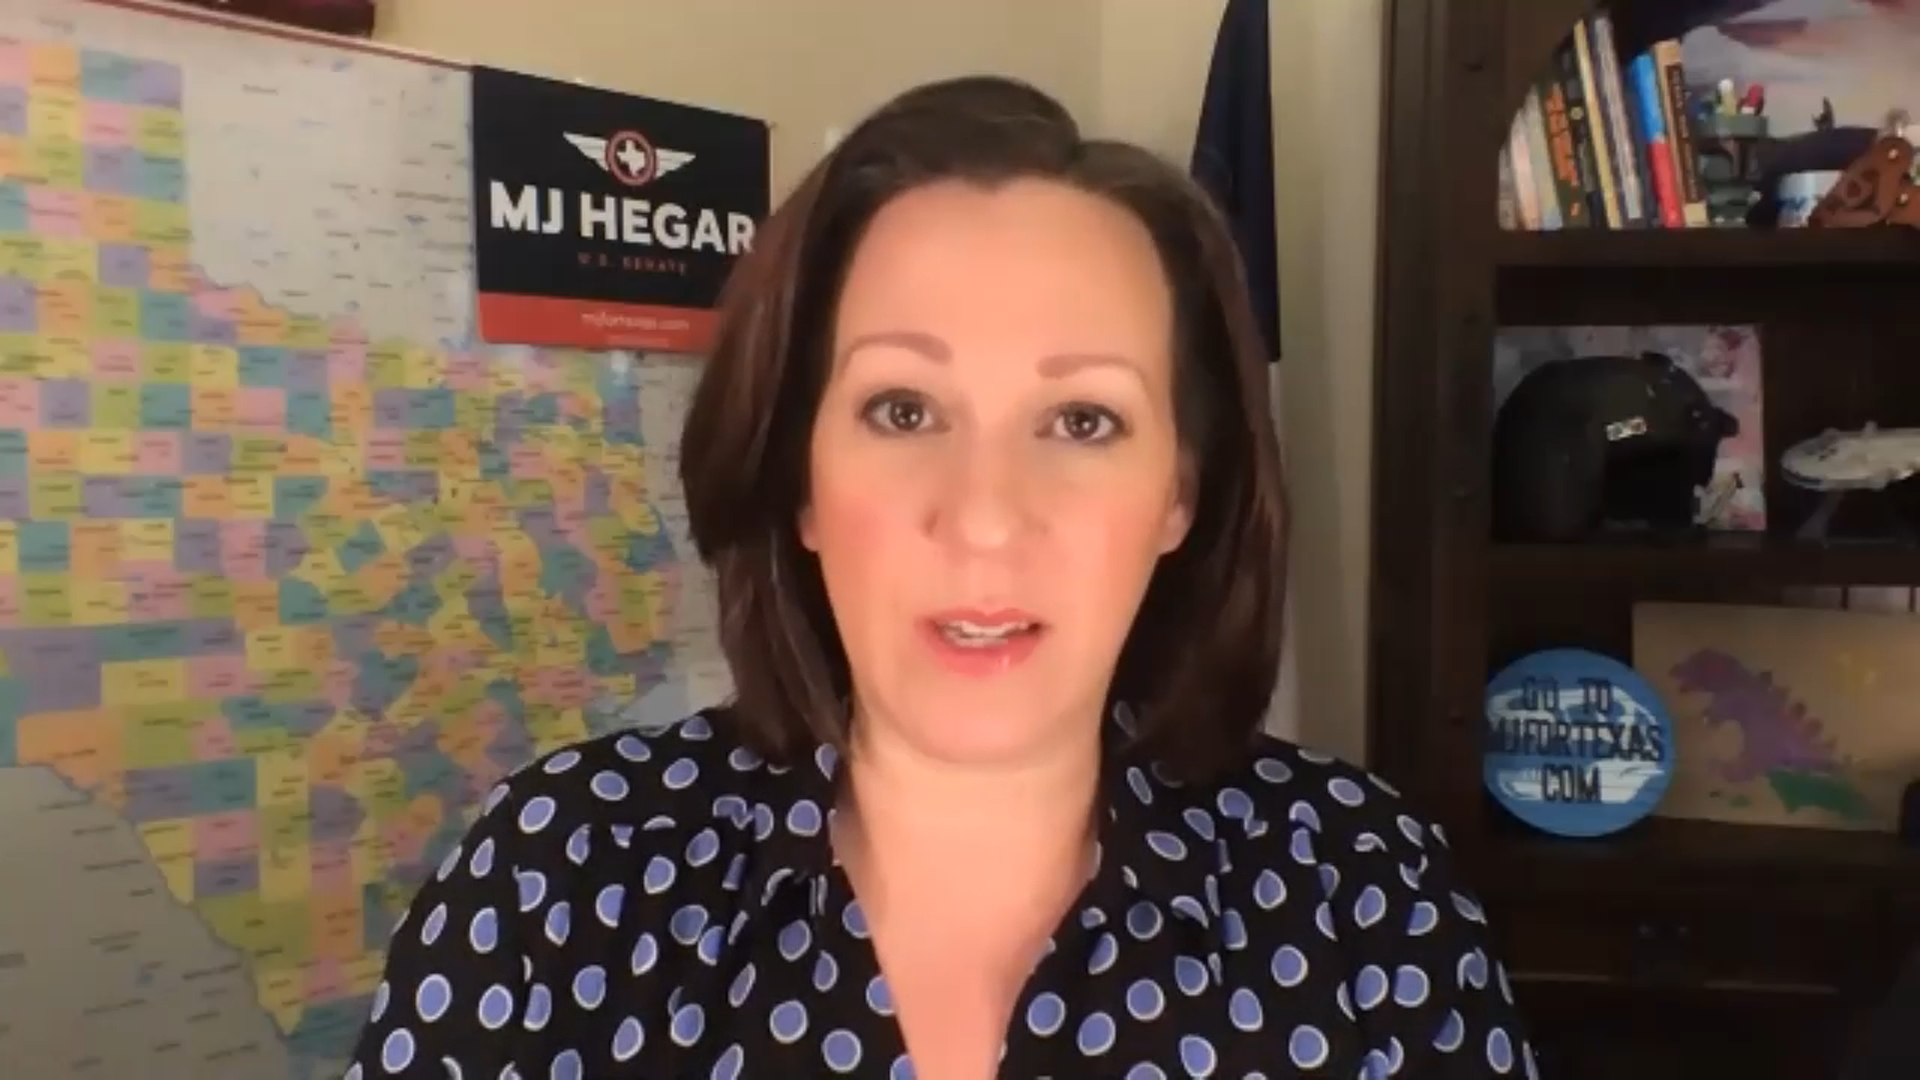 MJ Hegar